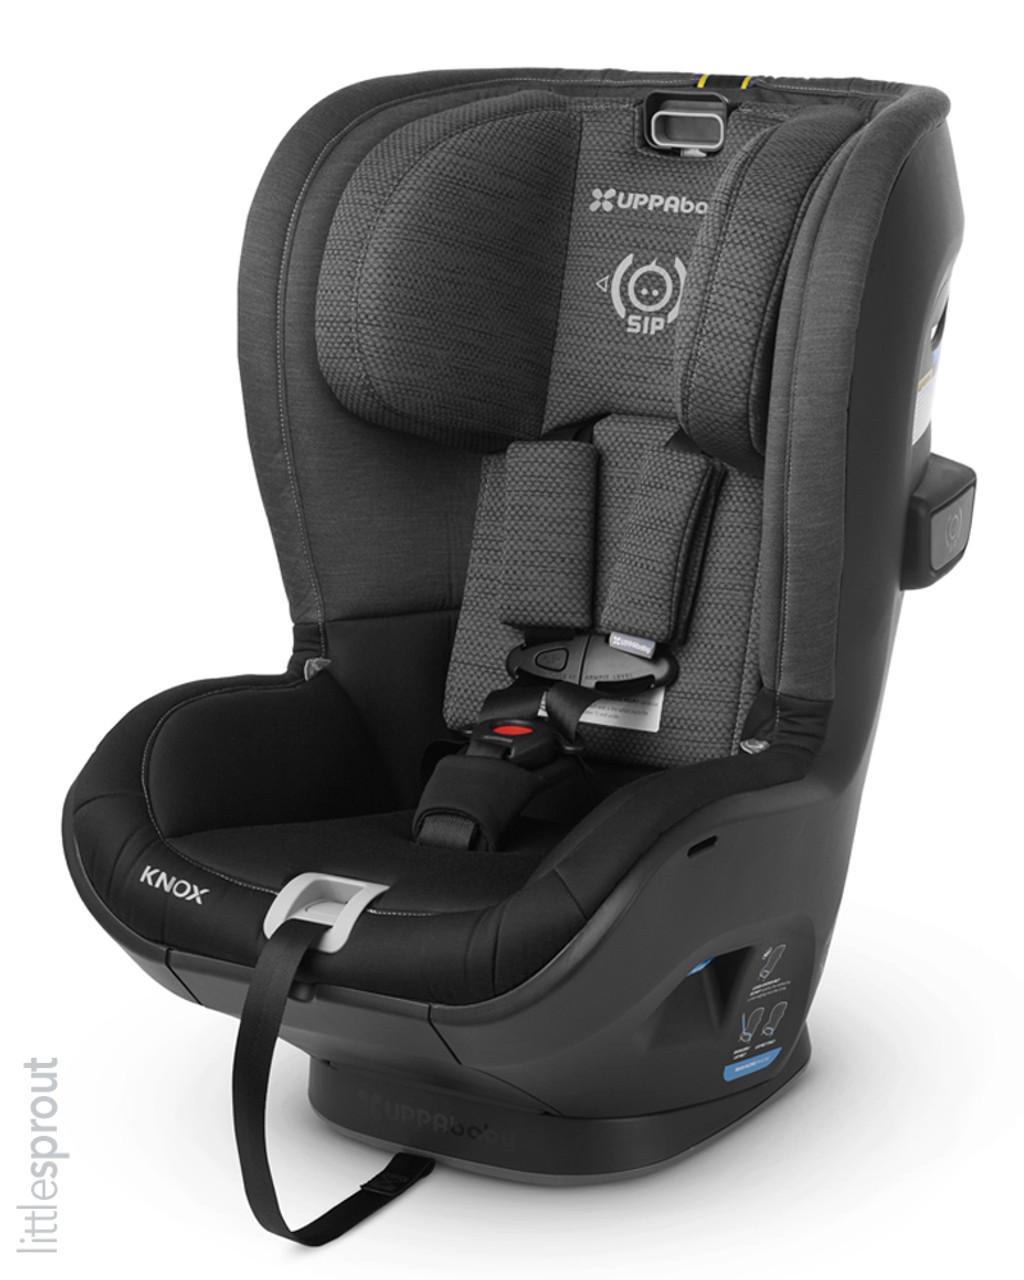 2019 Uppababy Knox Convertible Car Seat